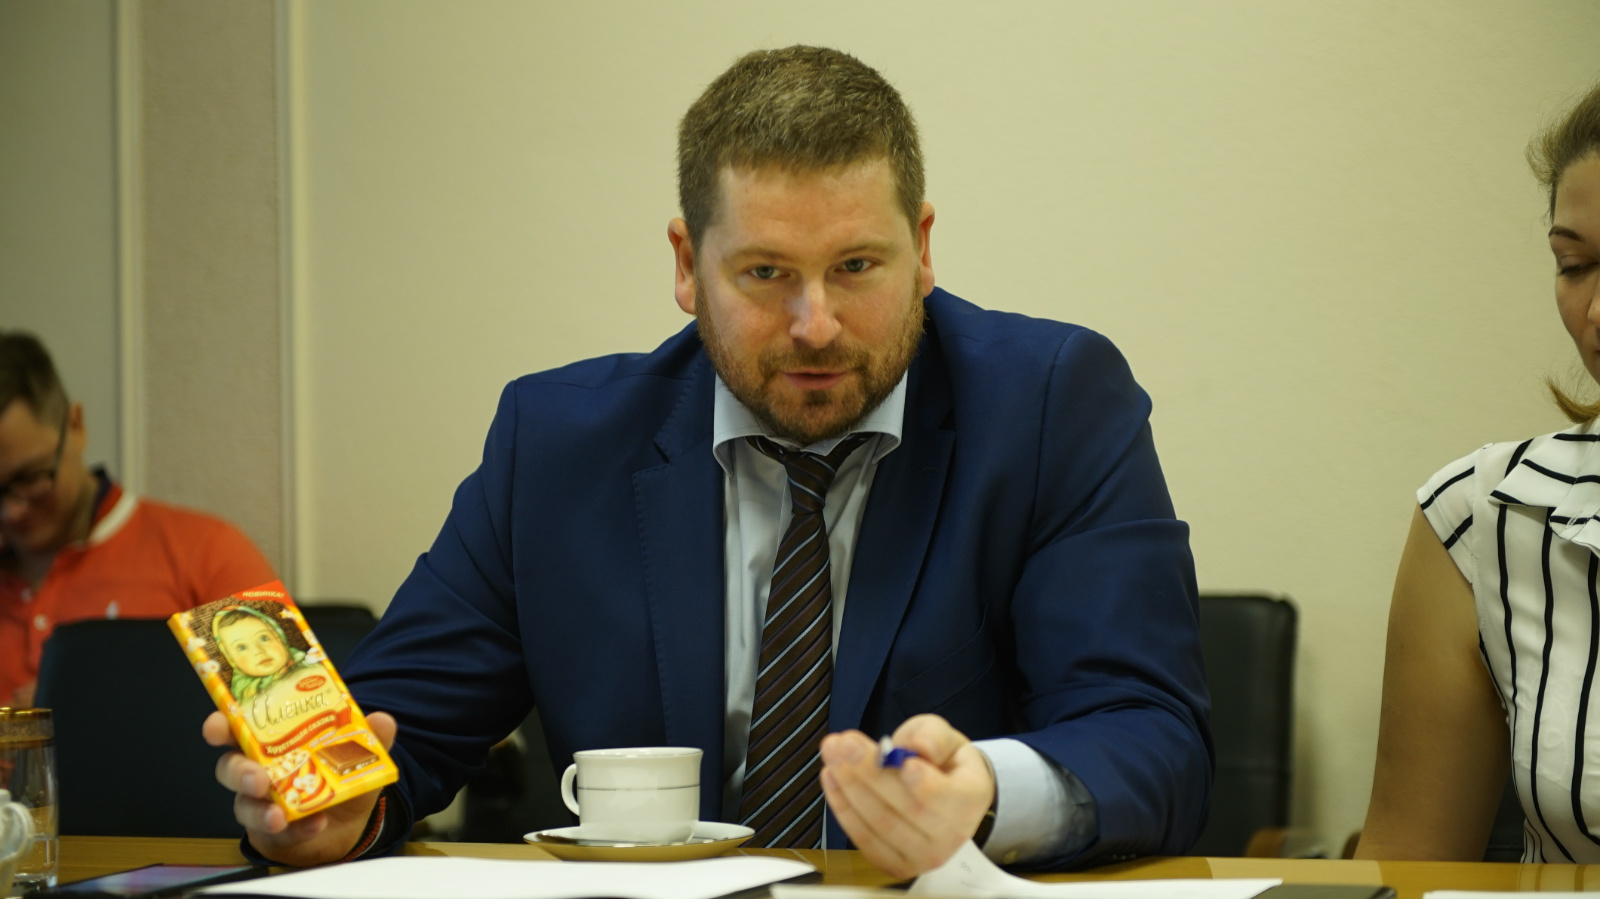 联合糖果主任有限公司的副总经理Alexey Nosenko谈与速卖通合作_meitu_68